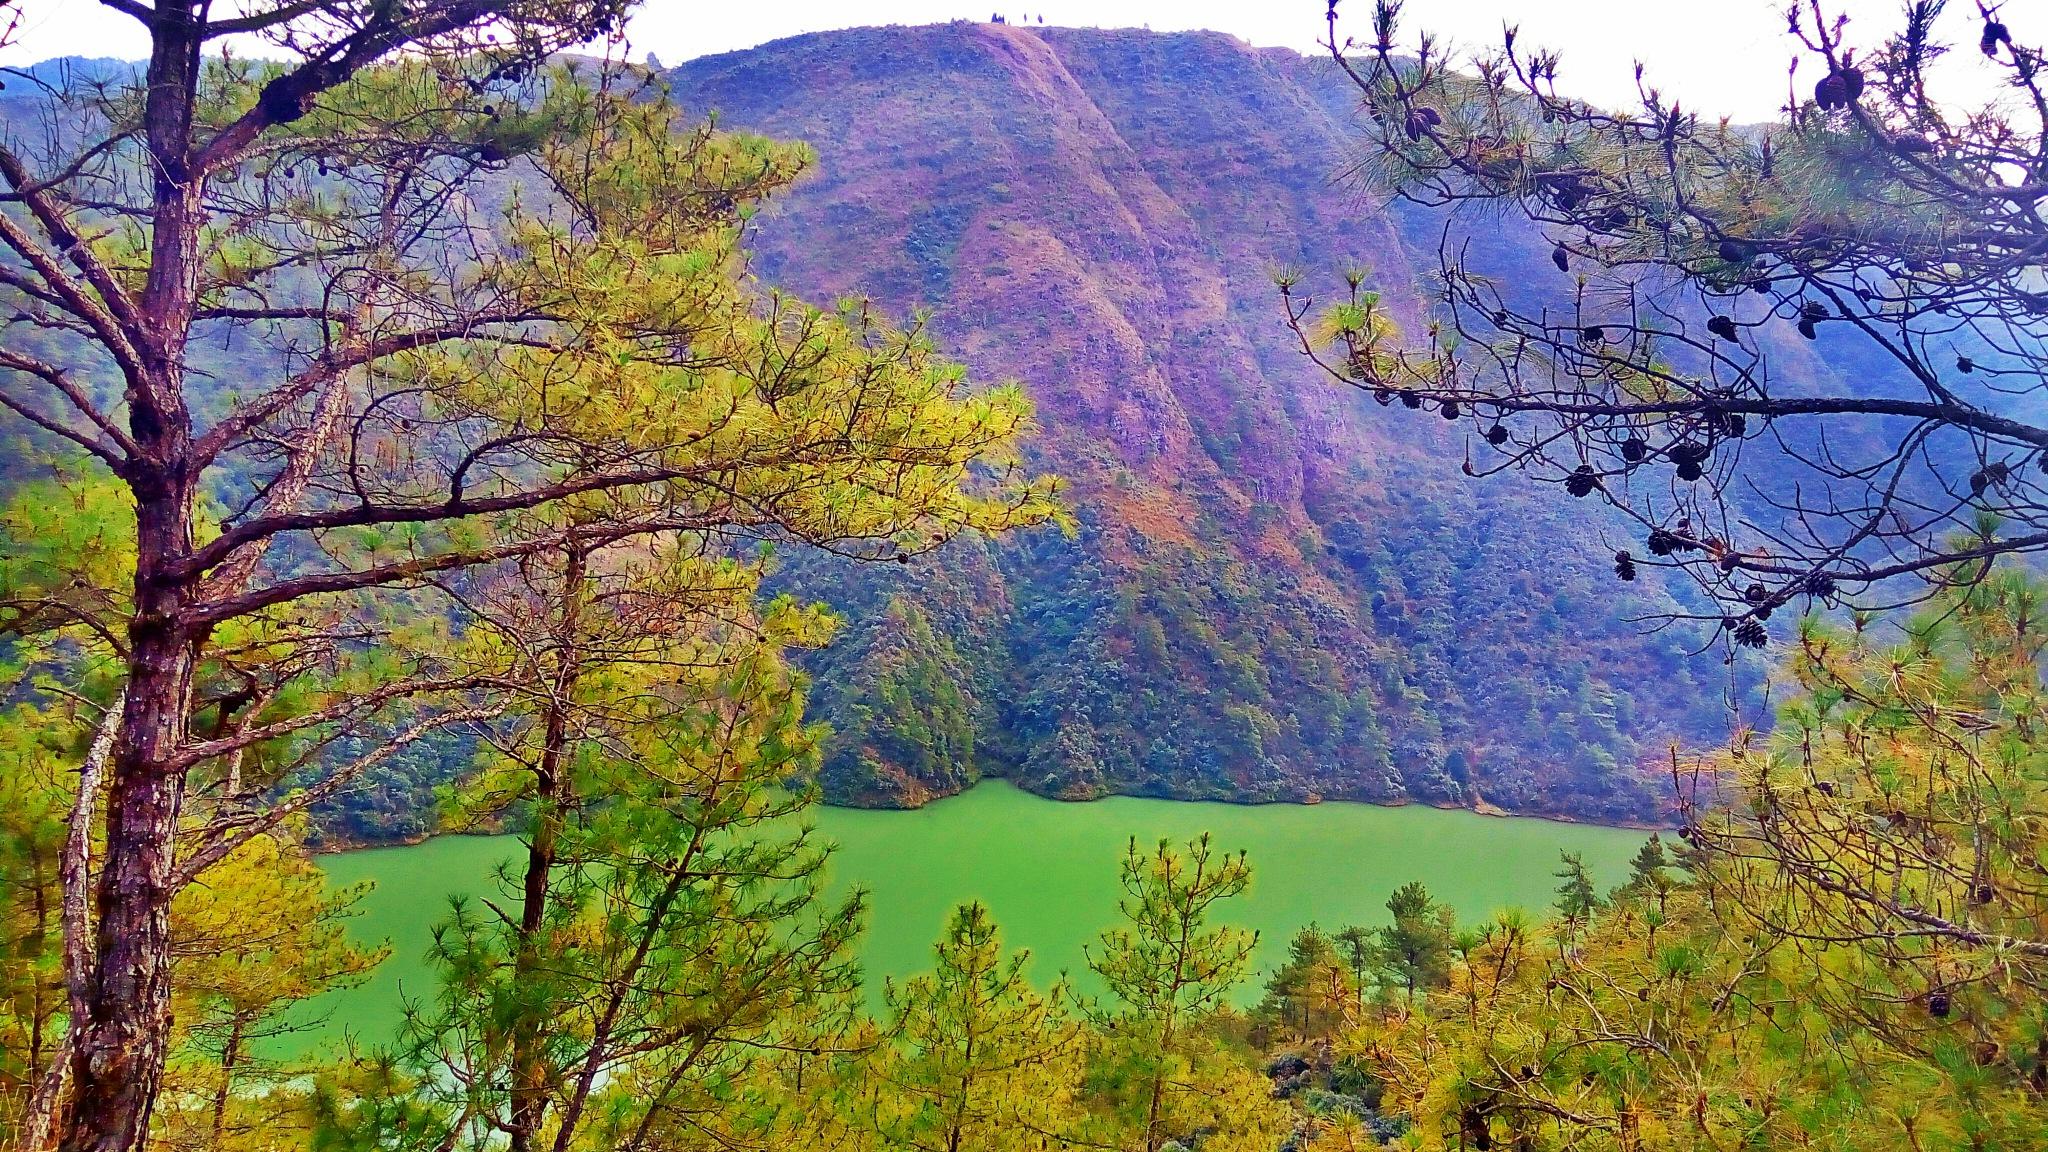 Green lava 2 by Konark C